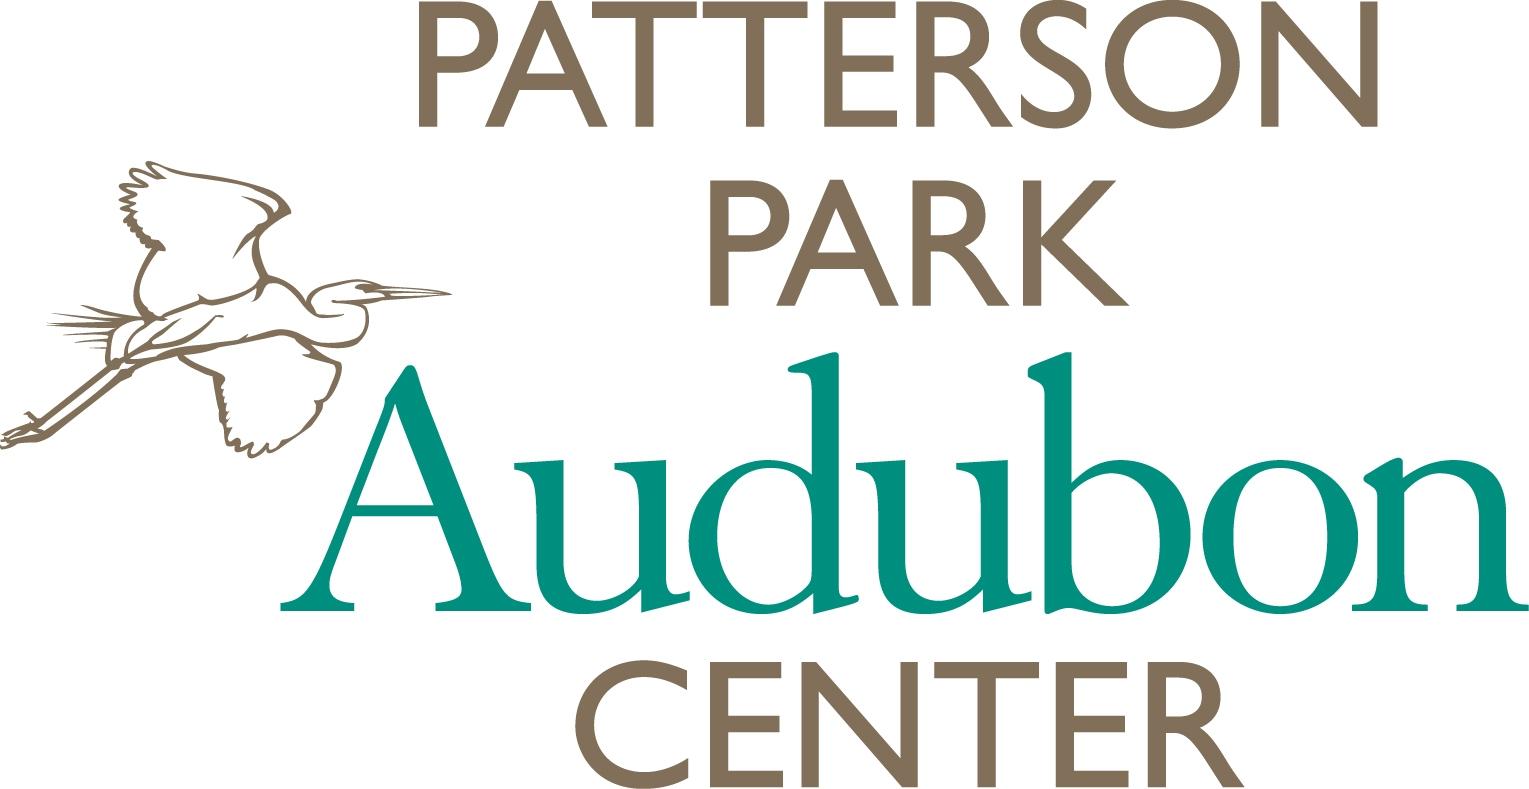 Patterson Park Color.JPG